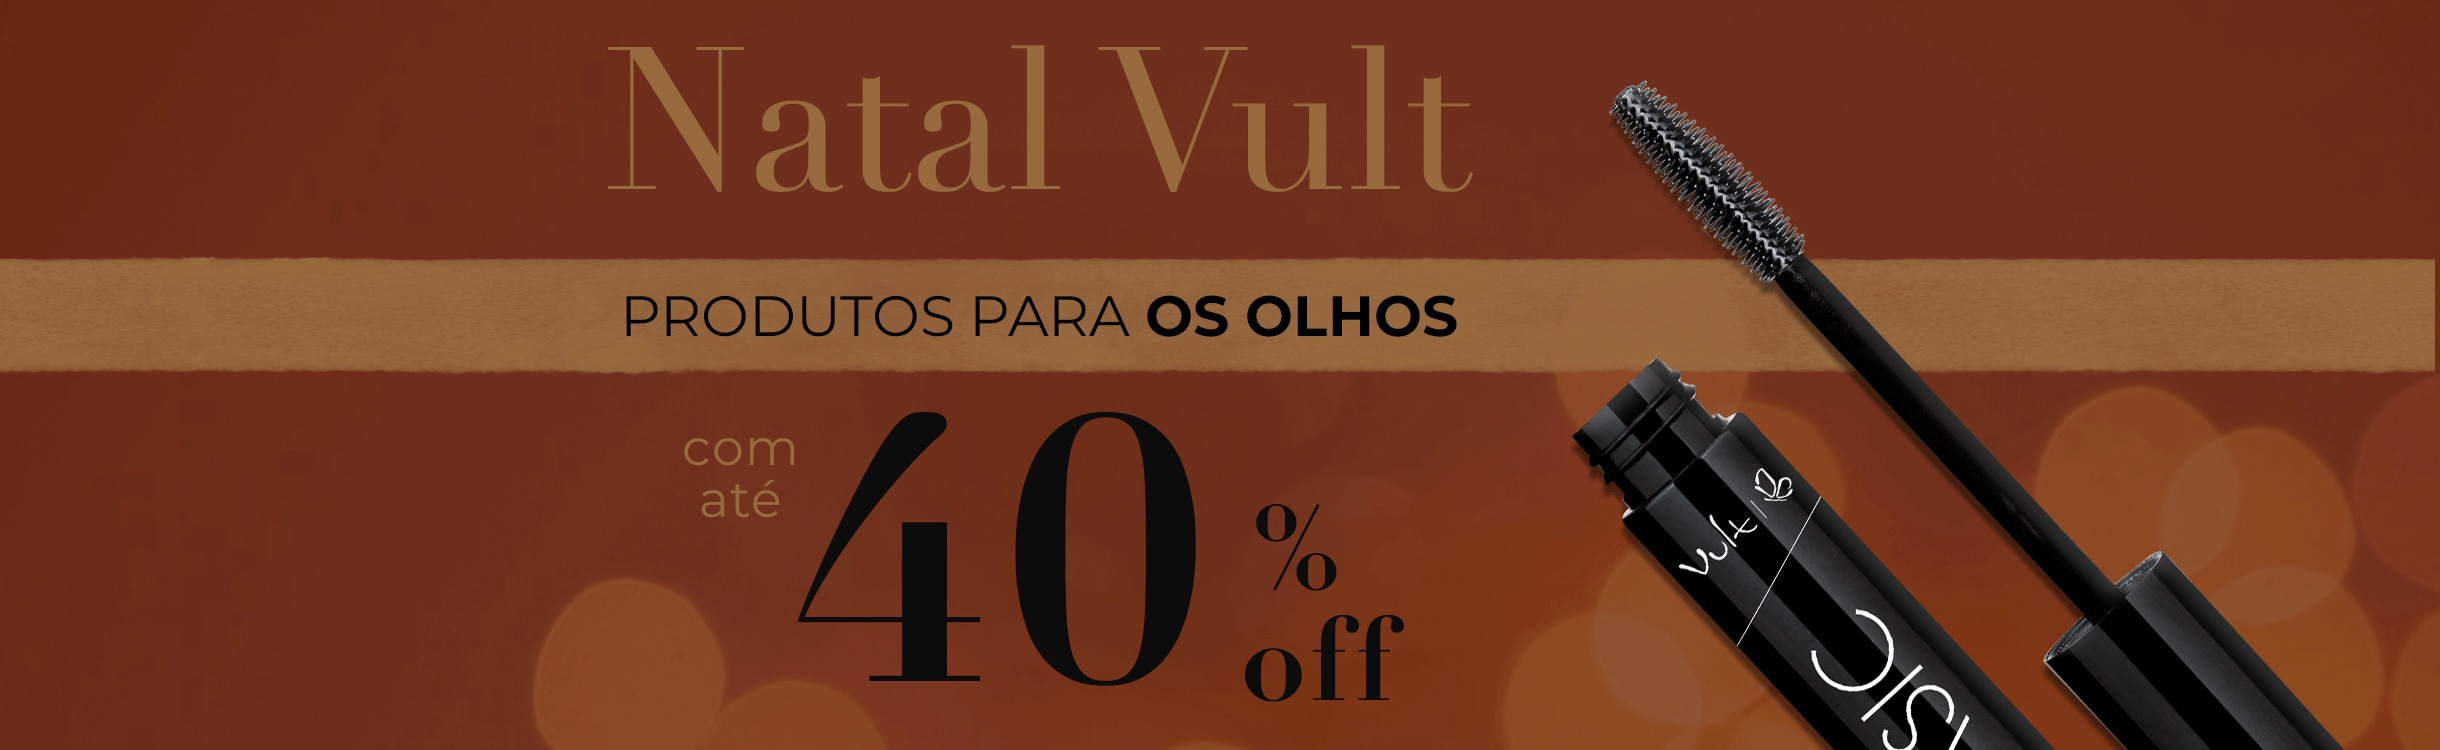 Natal Vult: Produtos para os Olhos com até 40%OFF